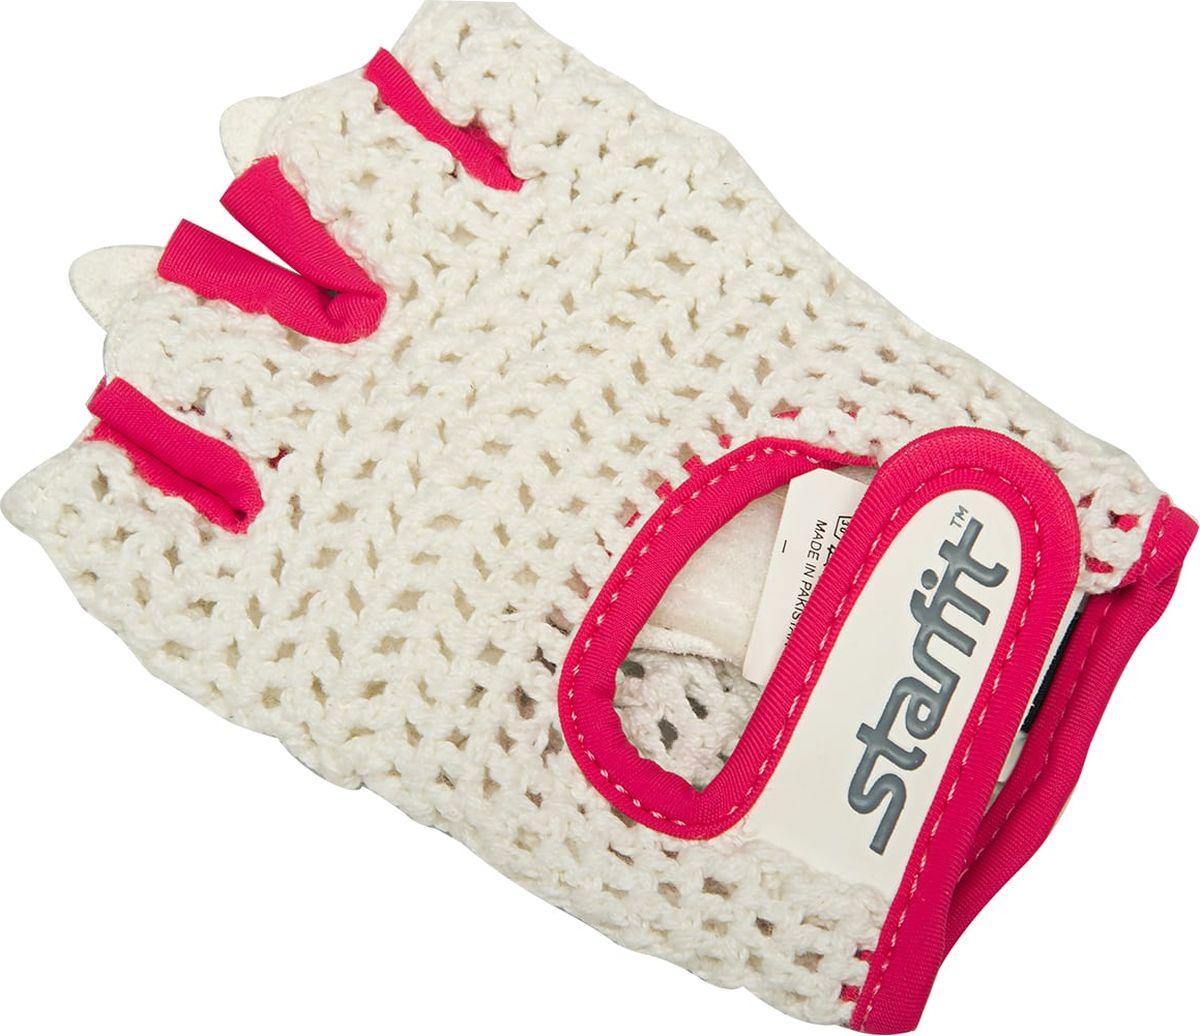 Перчатки для фитнеса женские Starfit SU-110, цвет: белый, розовый. Размер XS эспандеры starfit эспандер starfit es 702 power twister черный 50 кг